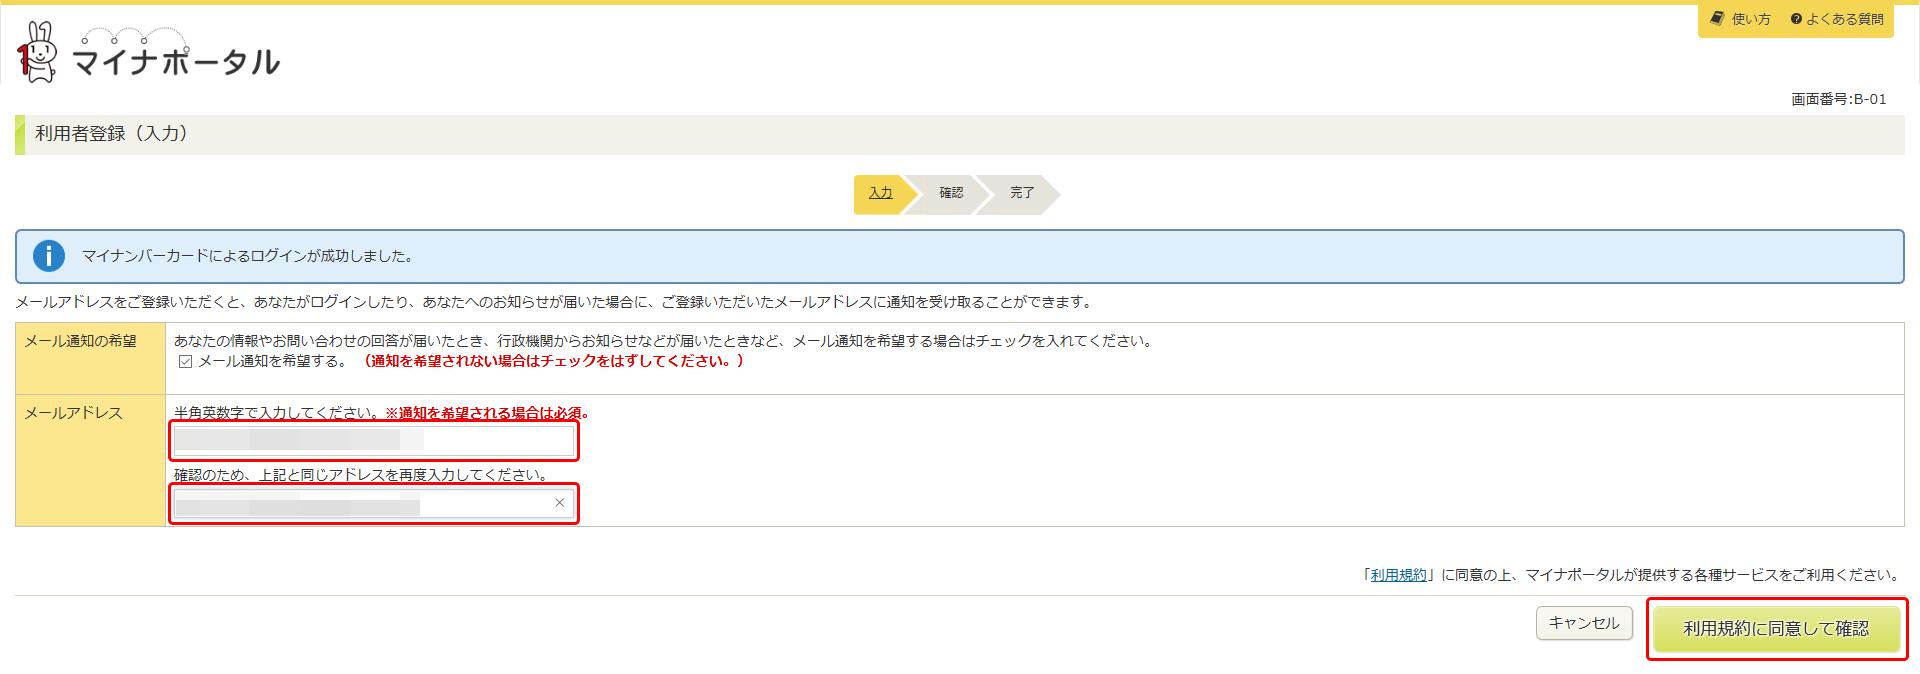 利用者登録(入力)